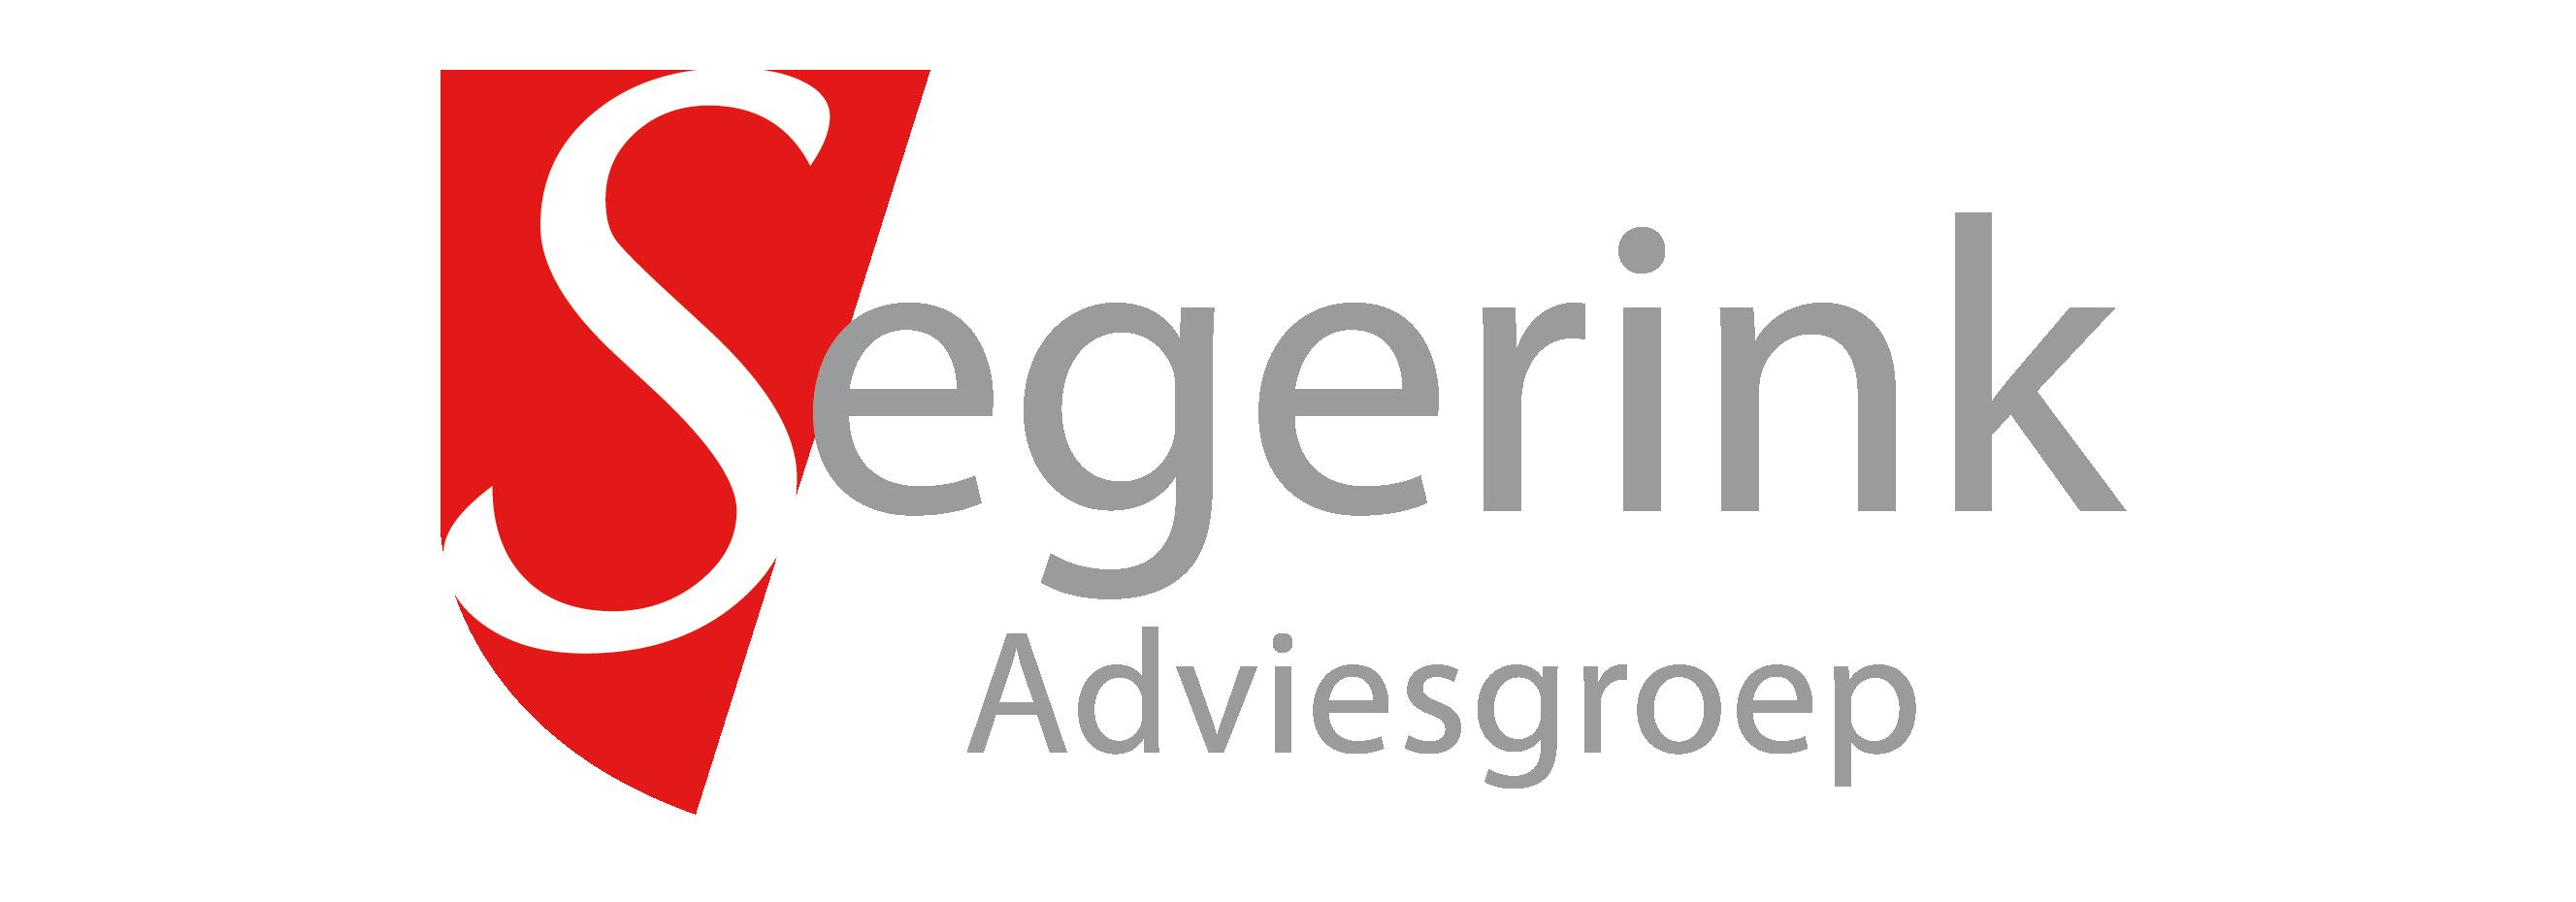 logo Segerink Adviesgroep